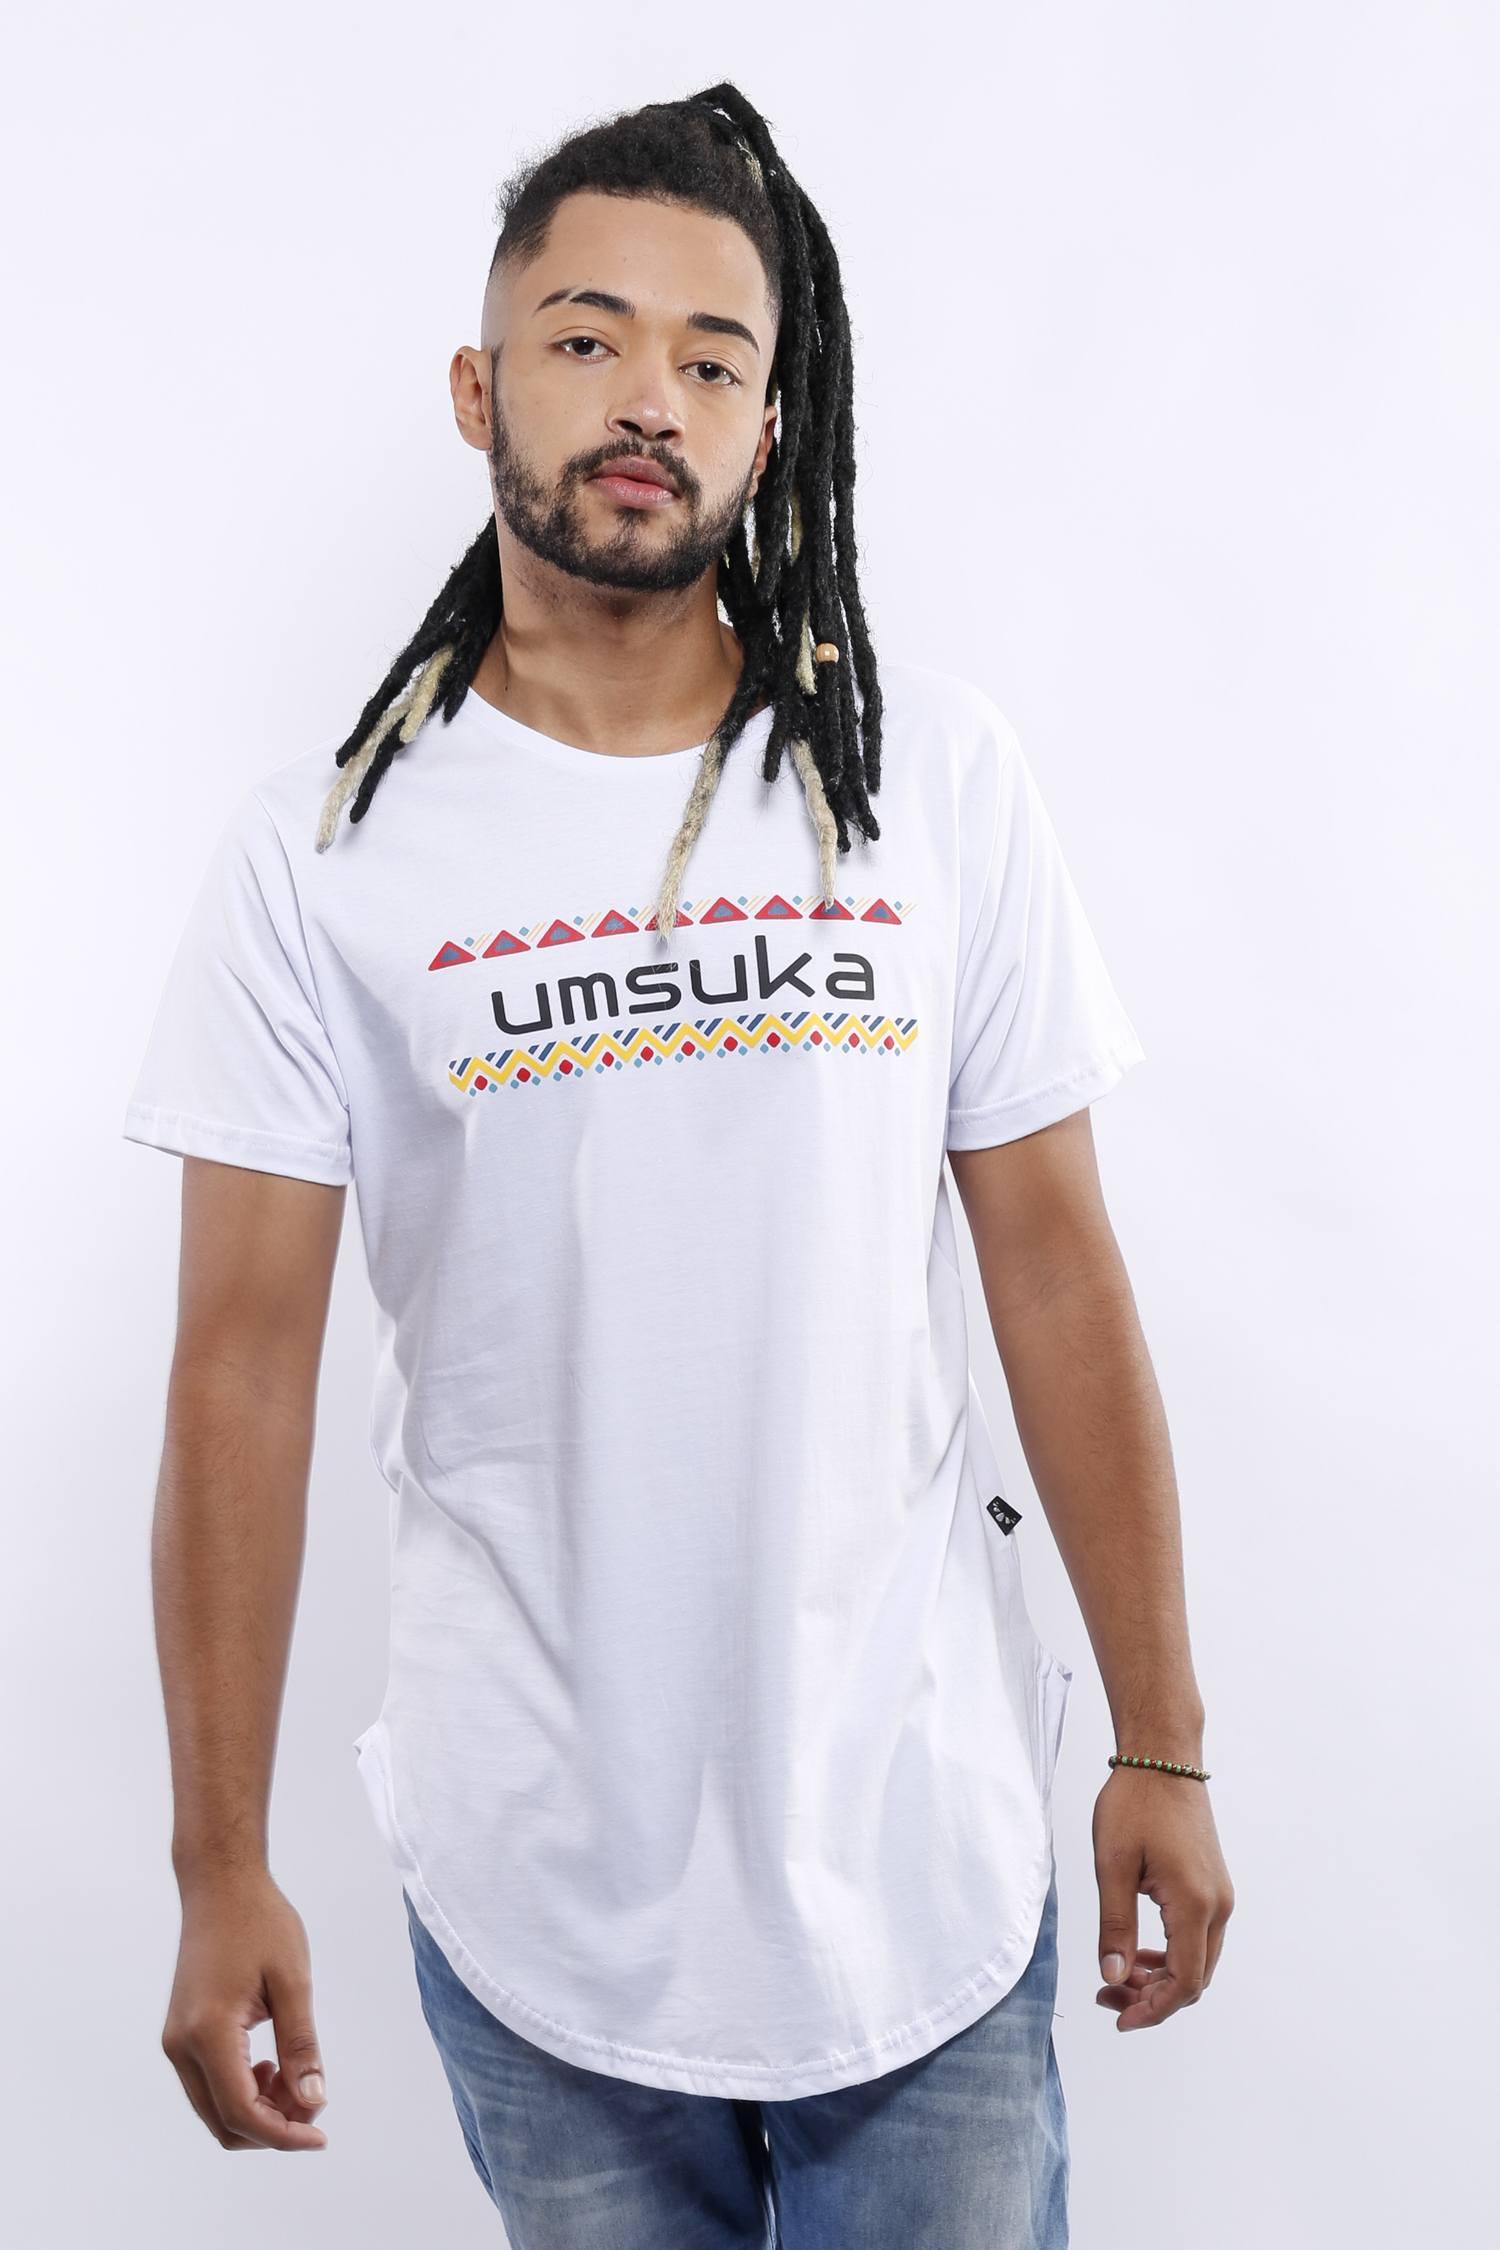 CAMISETA UMSUKA LONGLINE CORES UNISSEX